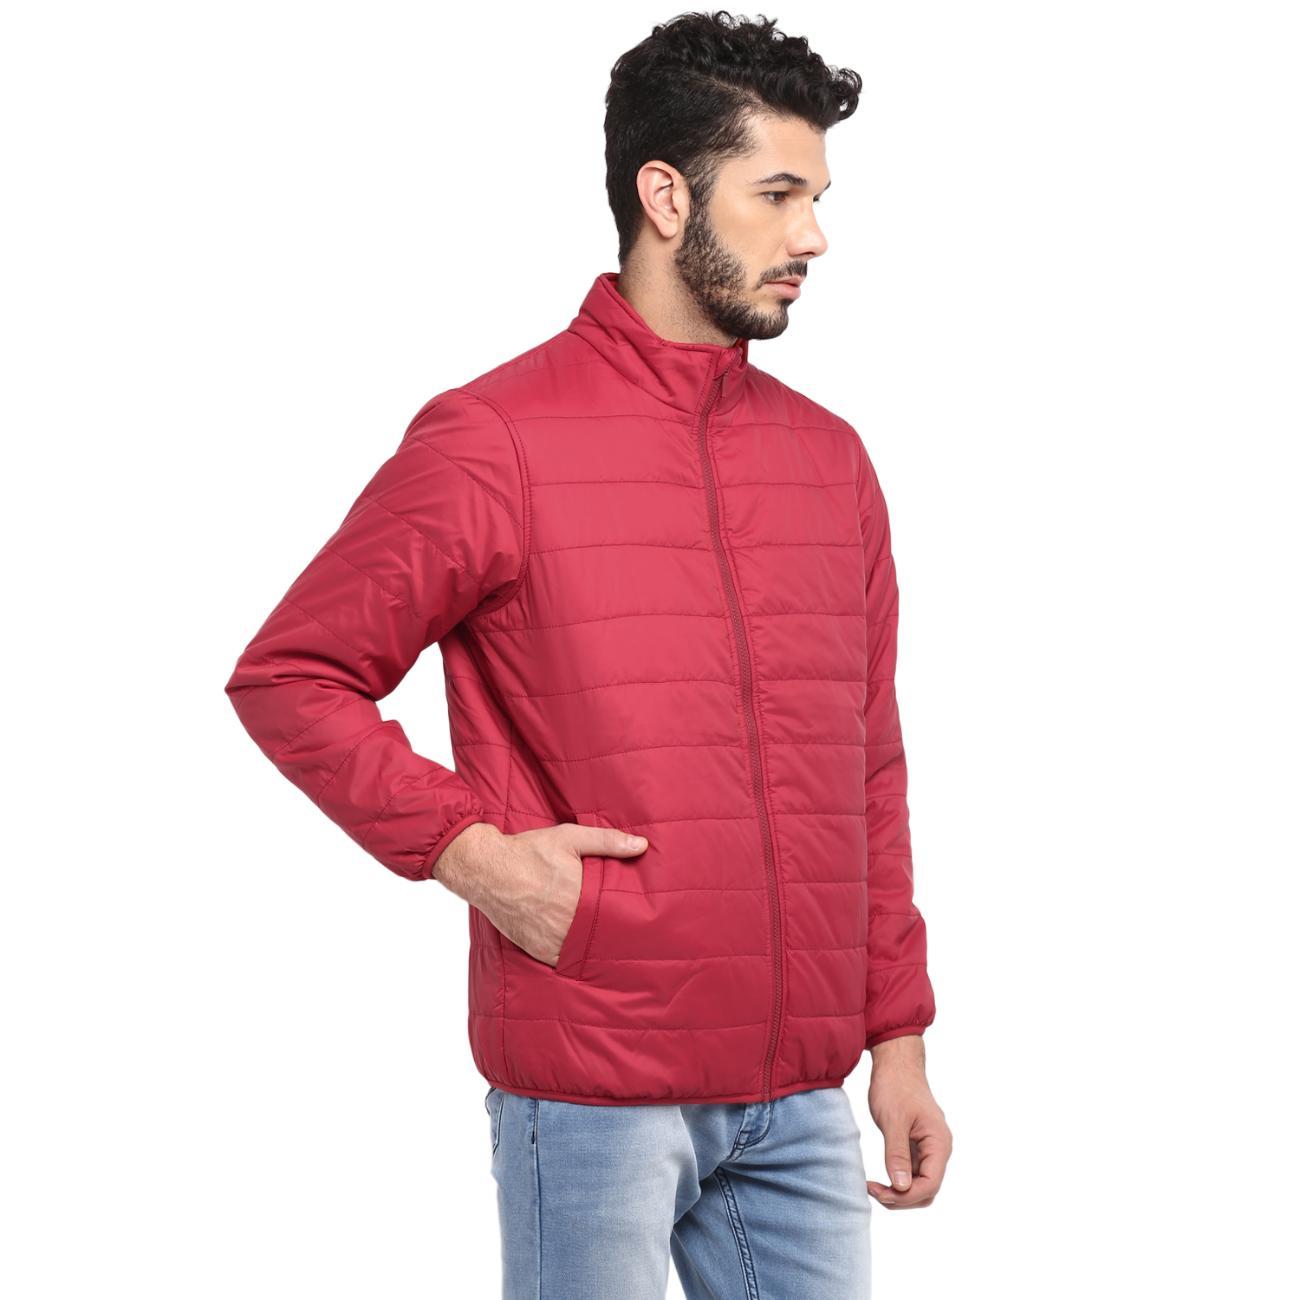 Buy Red Jacket For Men Online